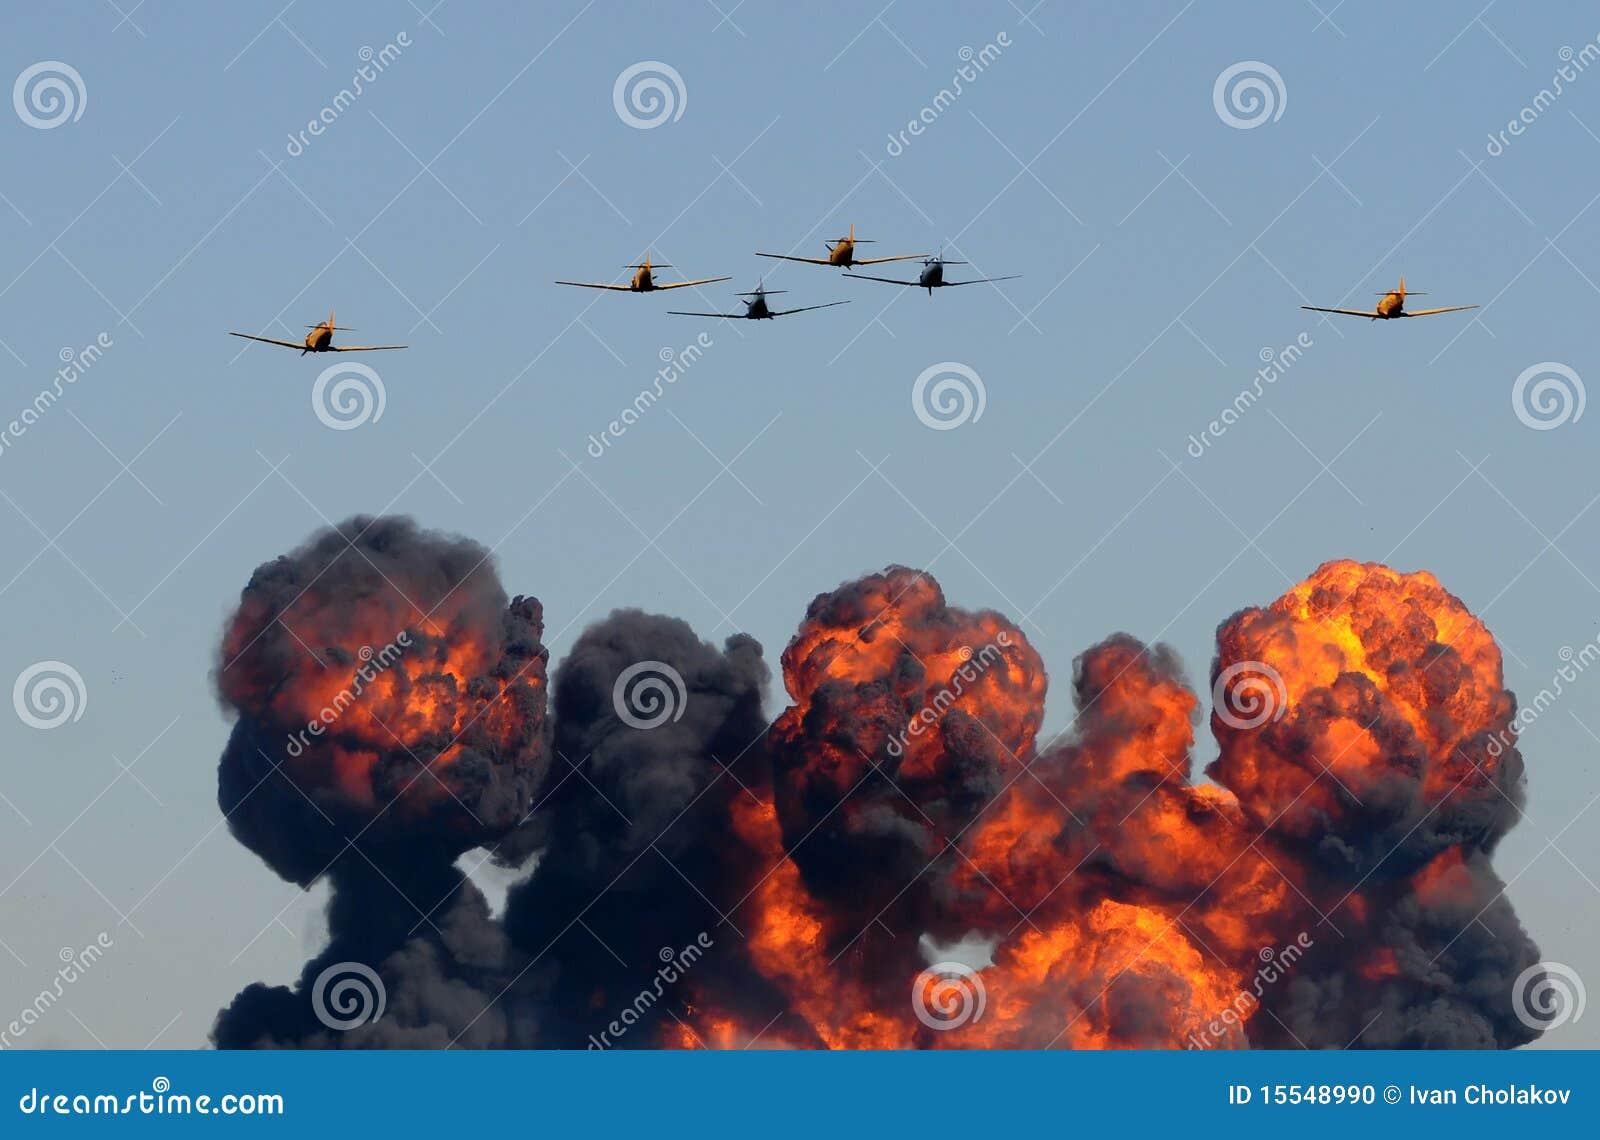 Assalto aéreo